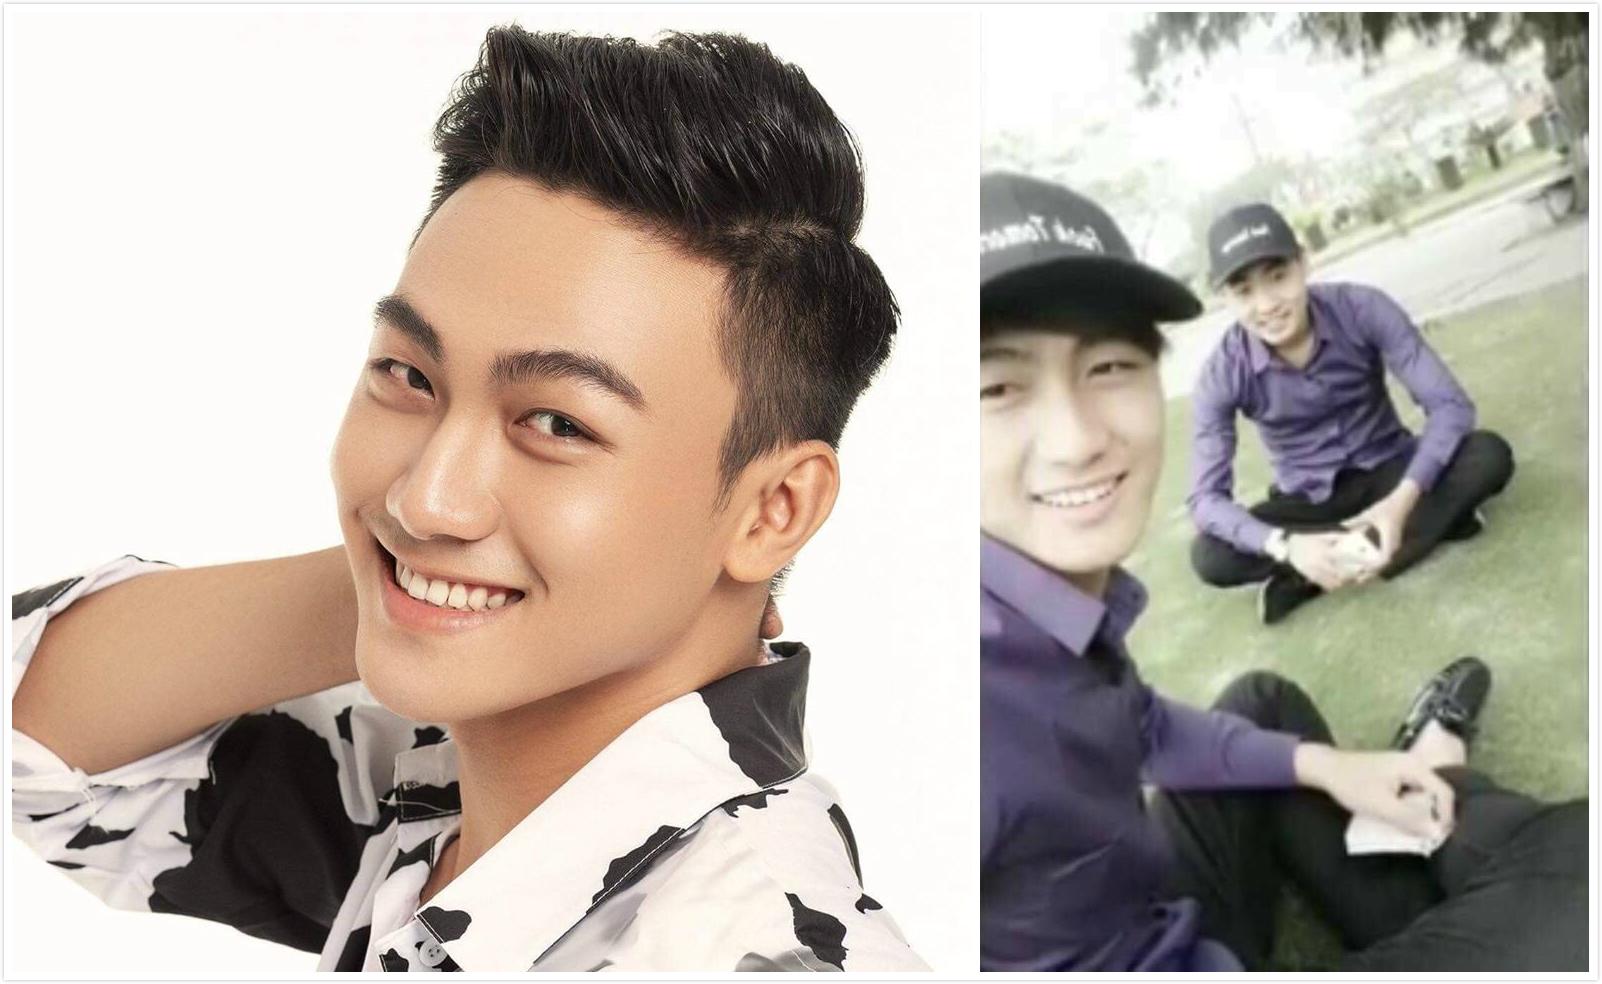 Phát ngôn động chạm cộng đồng LGBT, thí sinh team Thanh Hằng bị tung ảnh nghi ngờ giới tính thứ ba?